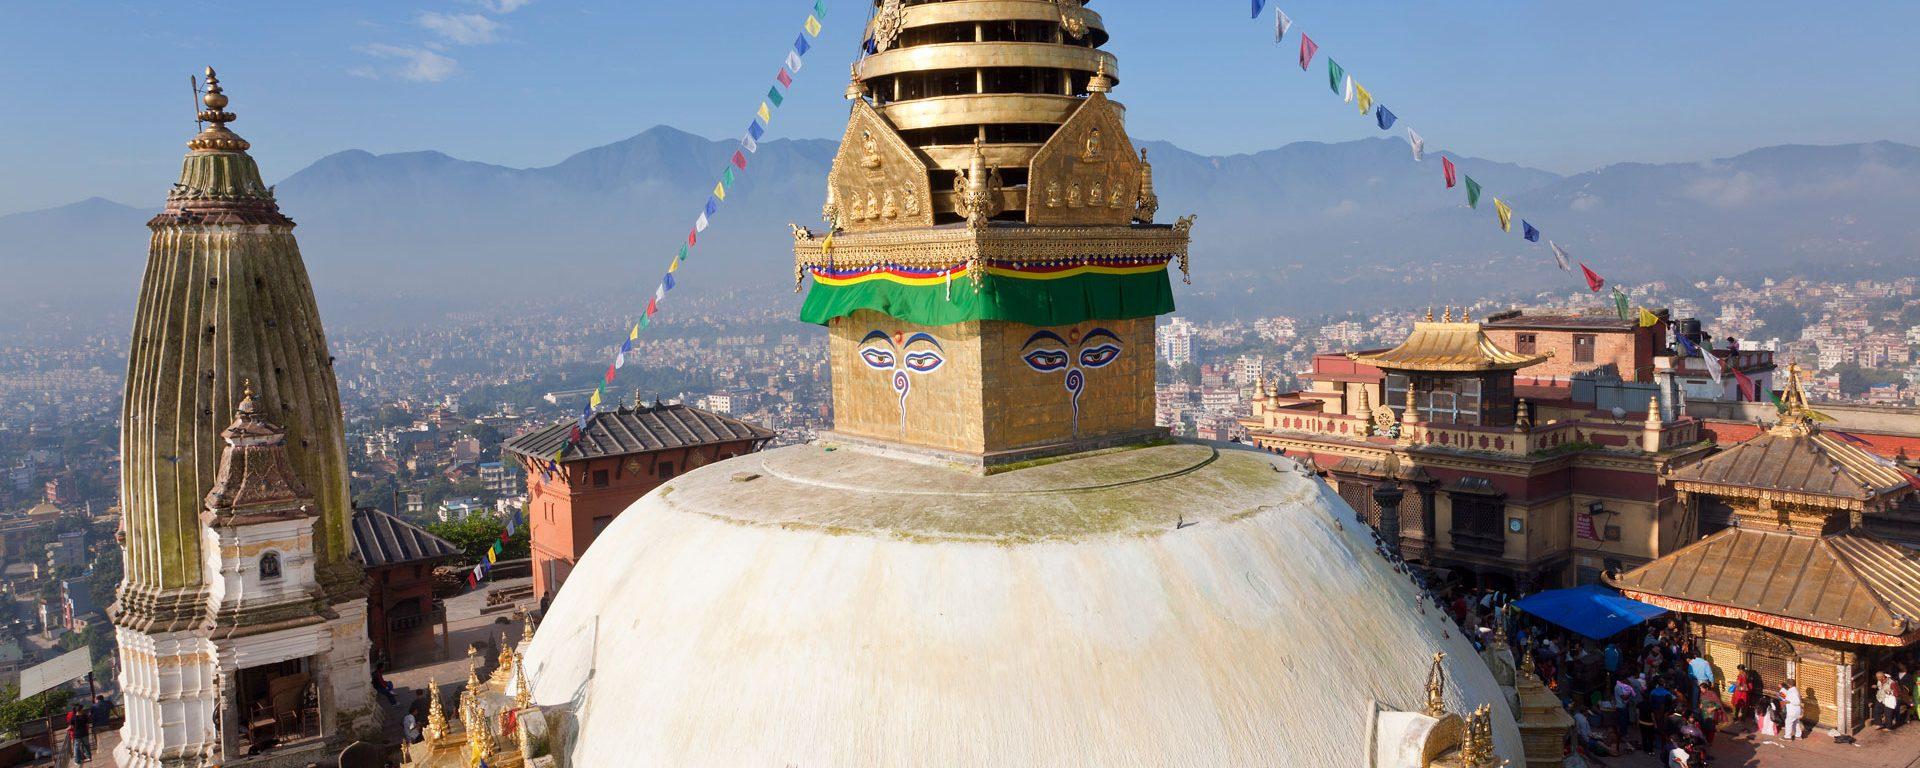 Swayambhunath Buddhist Stupa or Monkey Temple, Kathmandu, Nepal